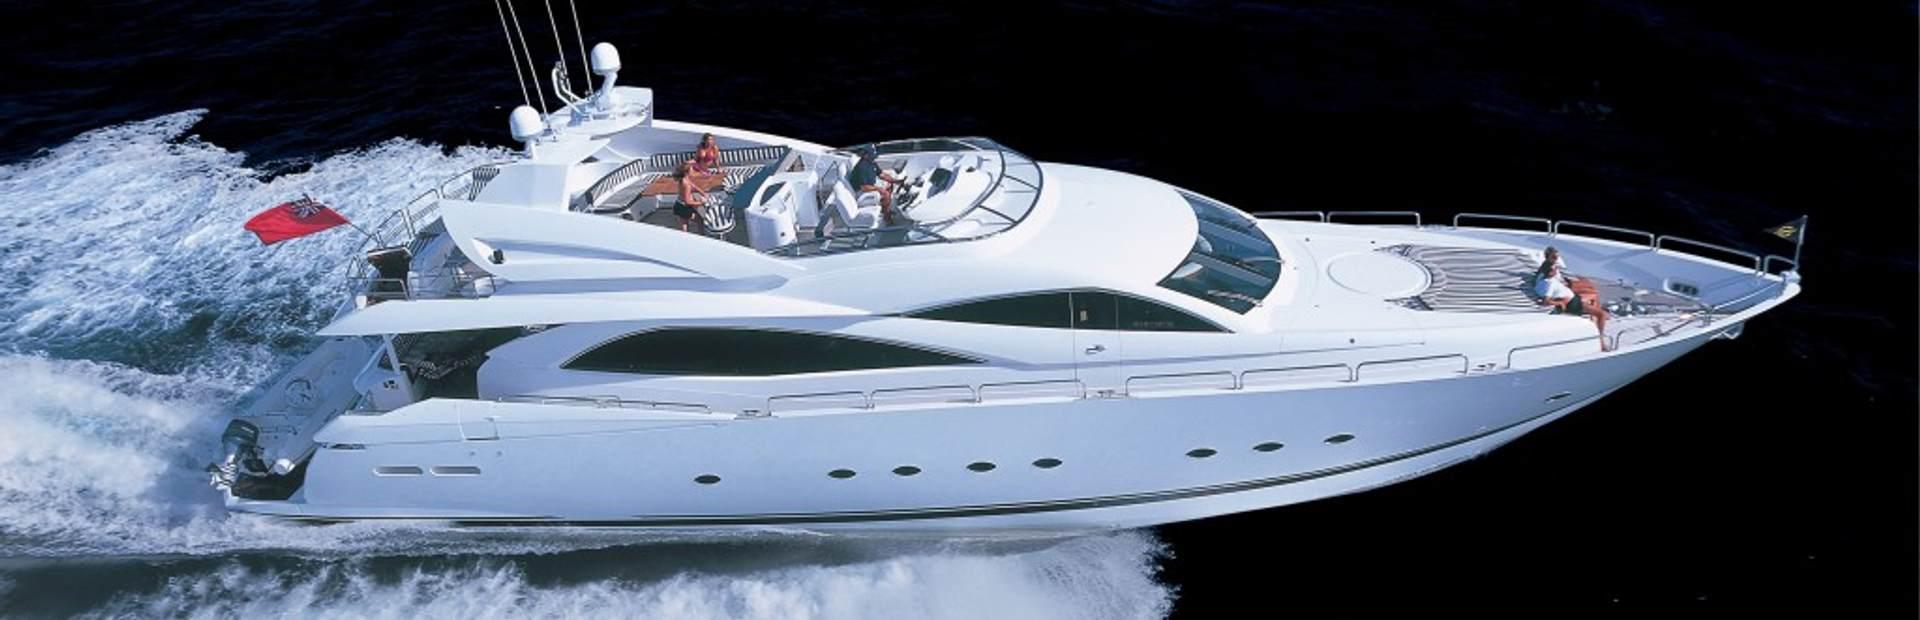 94 Yacht Yacht Charter